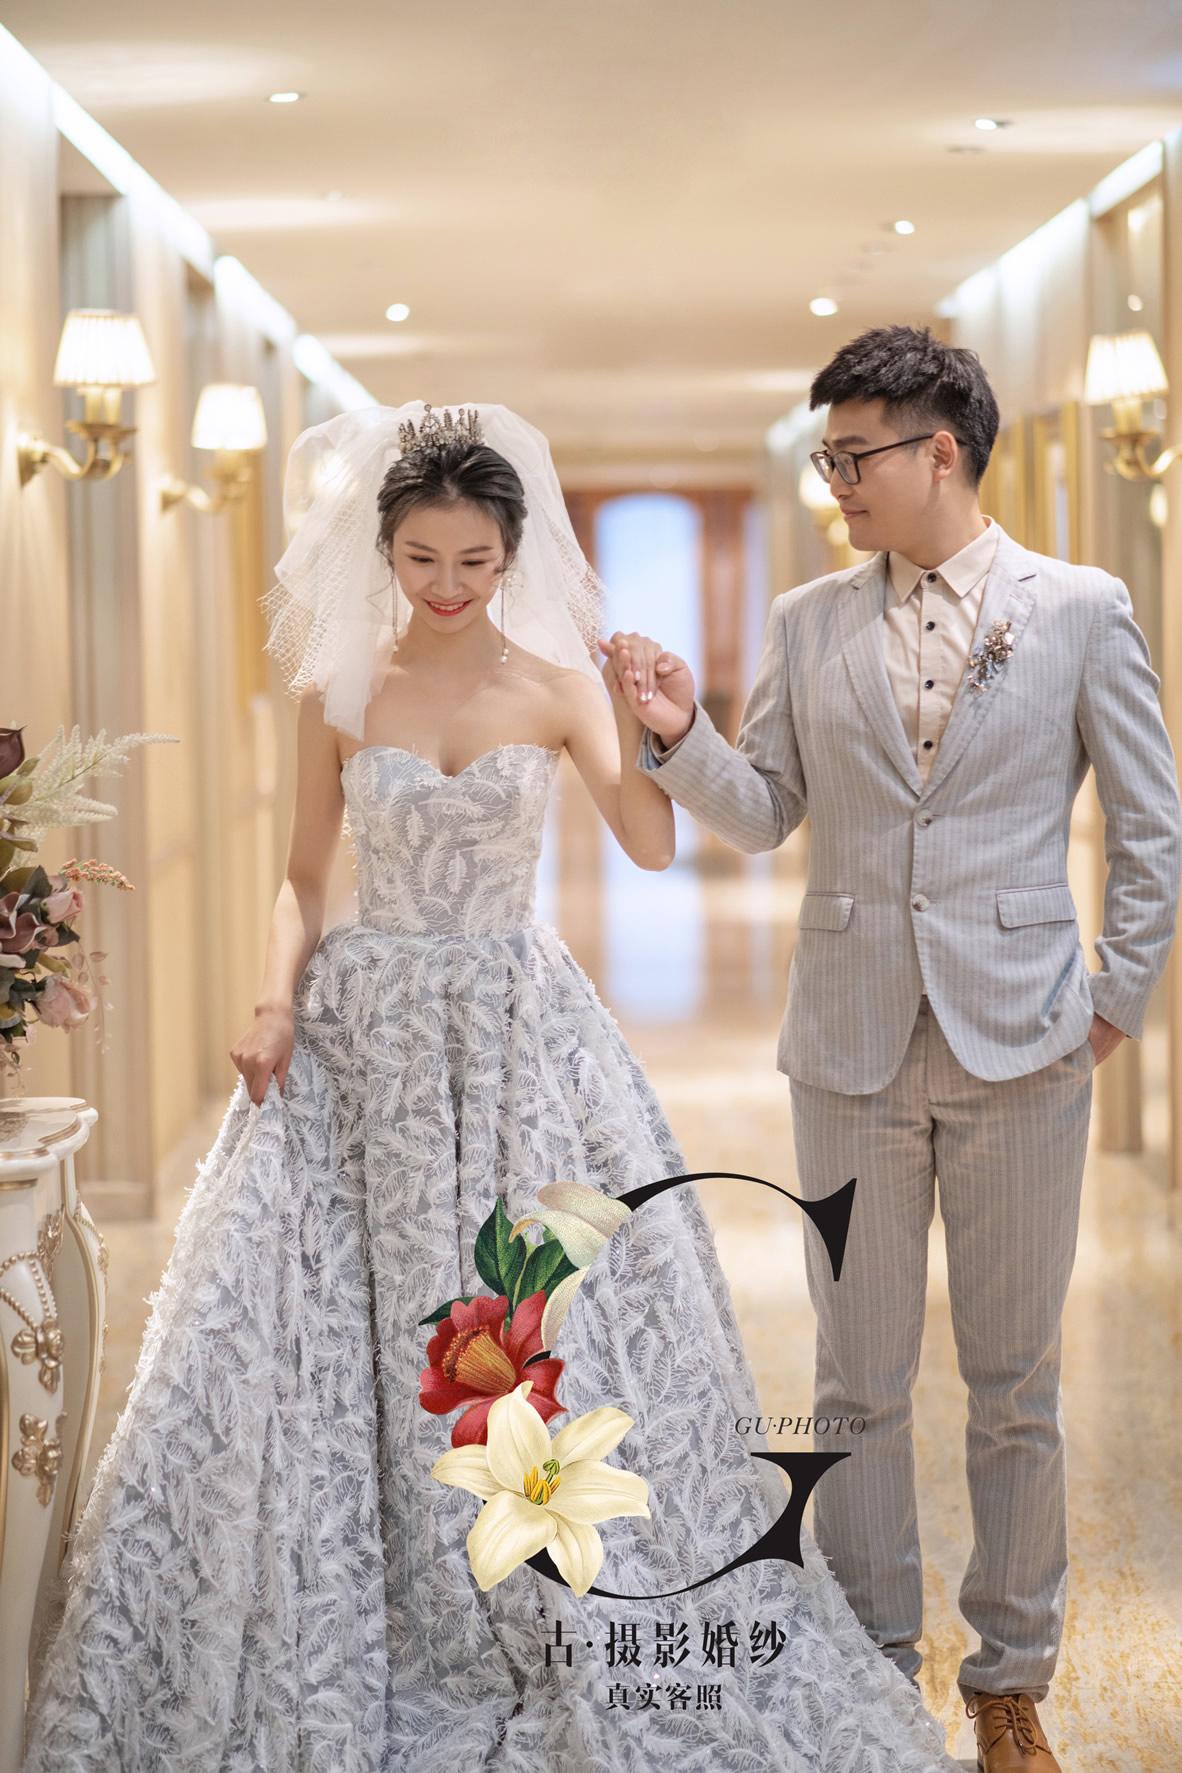 冯先生 蔡小姐 - 每日客照 - 古摄影婚纱艺术-古摄影成都婚纱摄影艺术摄影网